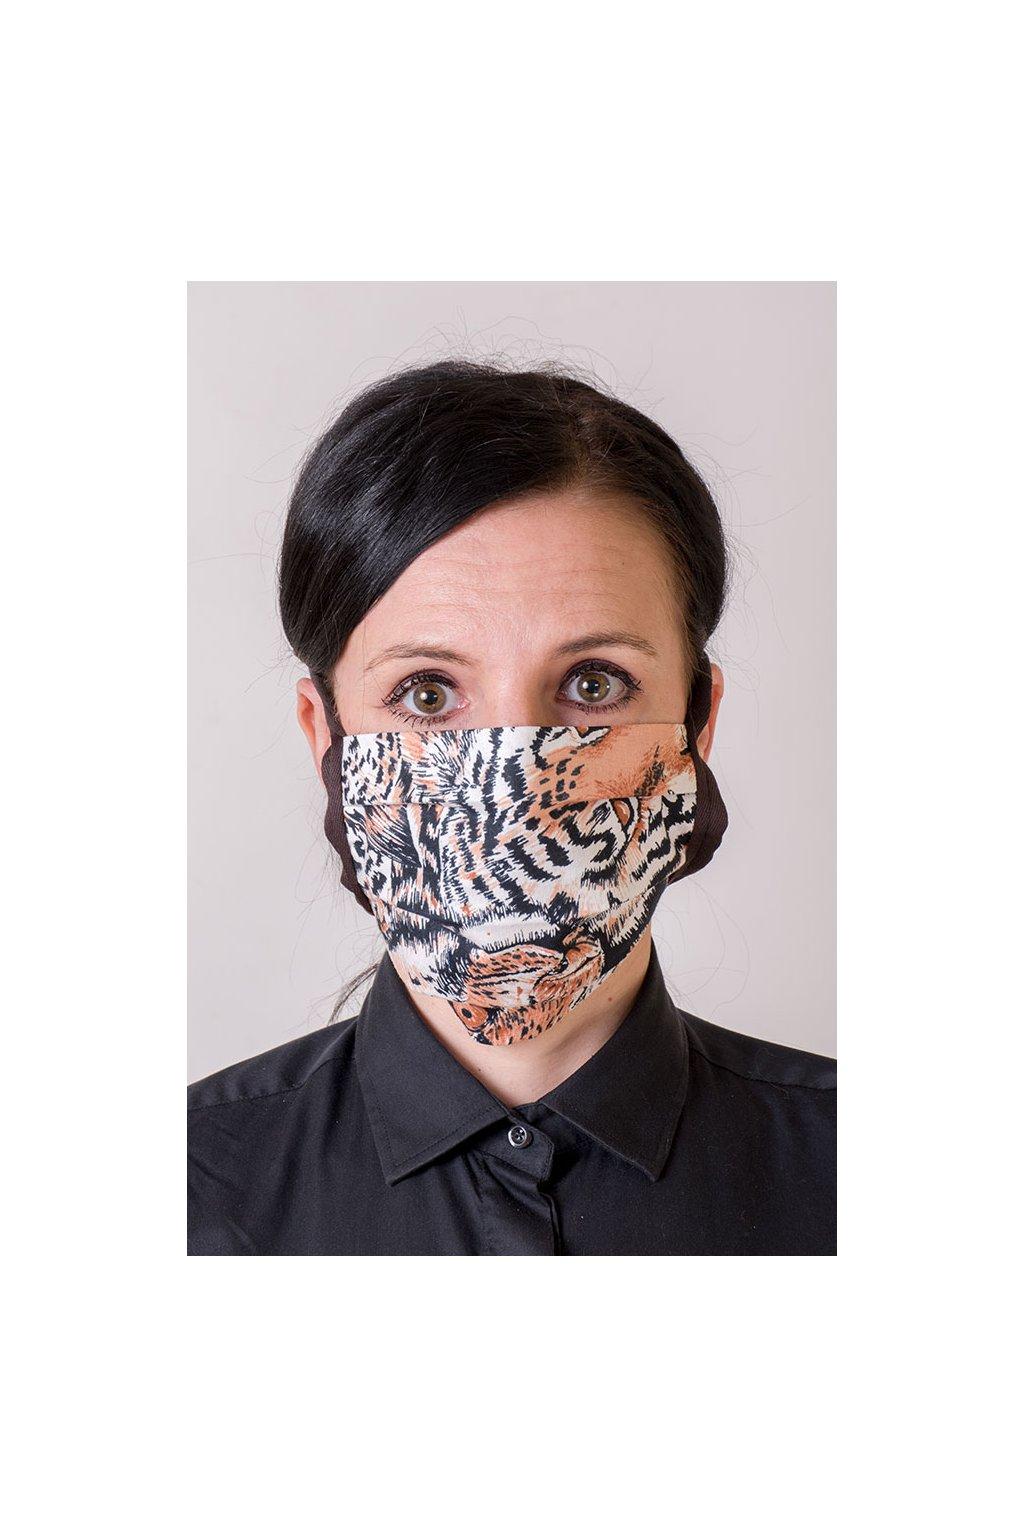 Bavlněná rouška na ústa a nos dvouvrstvá skládaná s kapsou, se šňůrami z keprové stuhy, 797-208, Hnědá/tygr